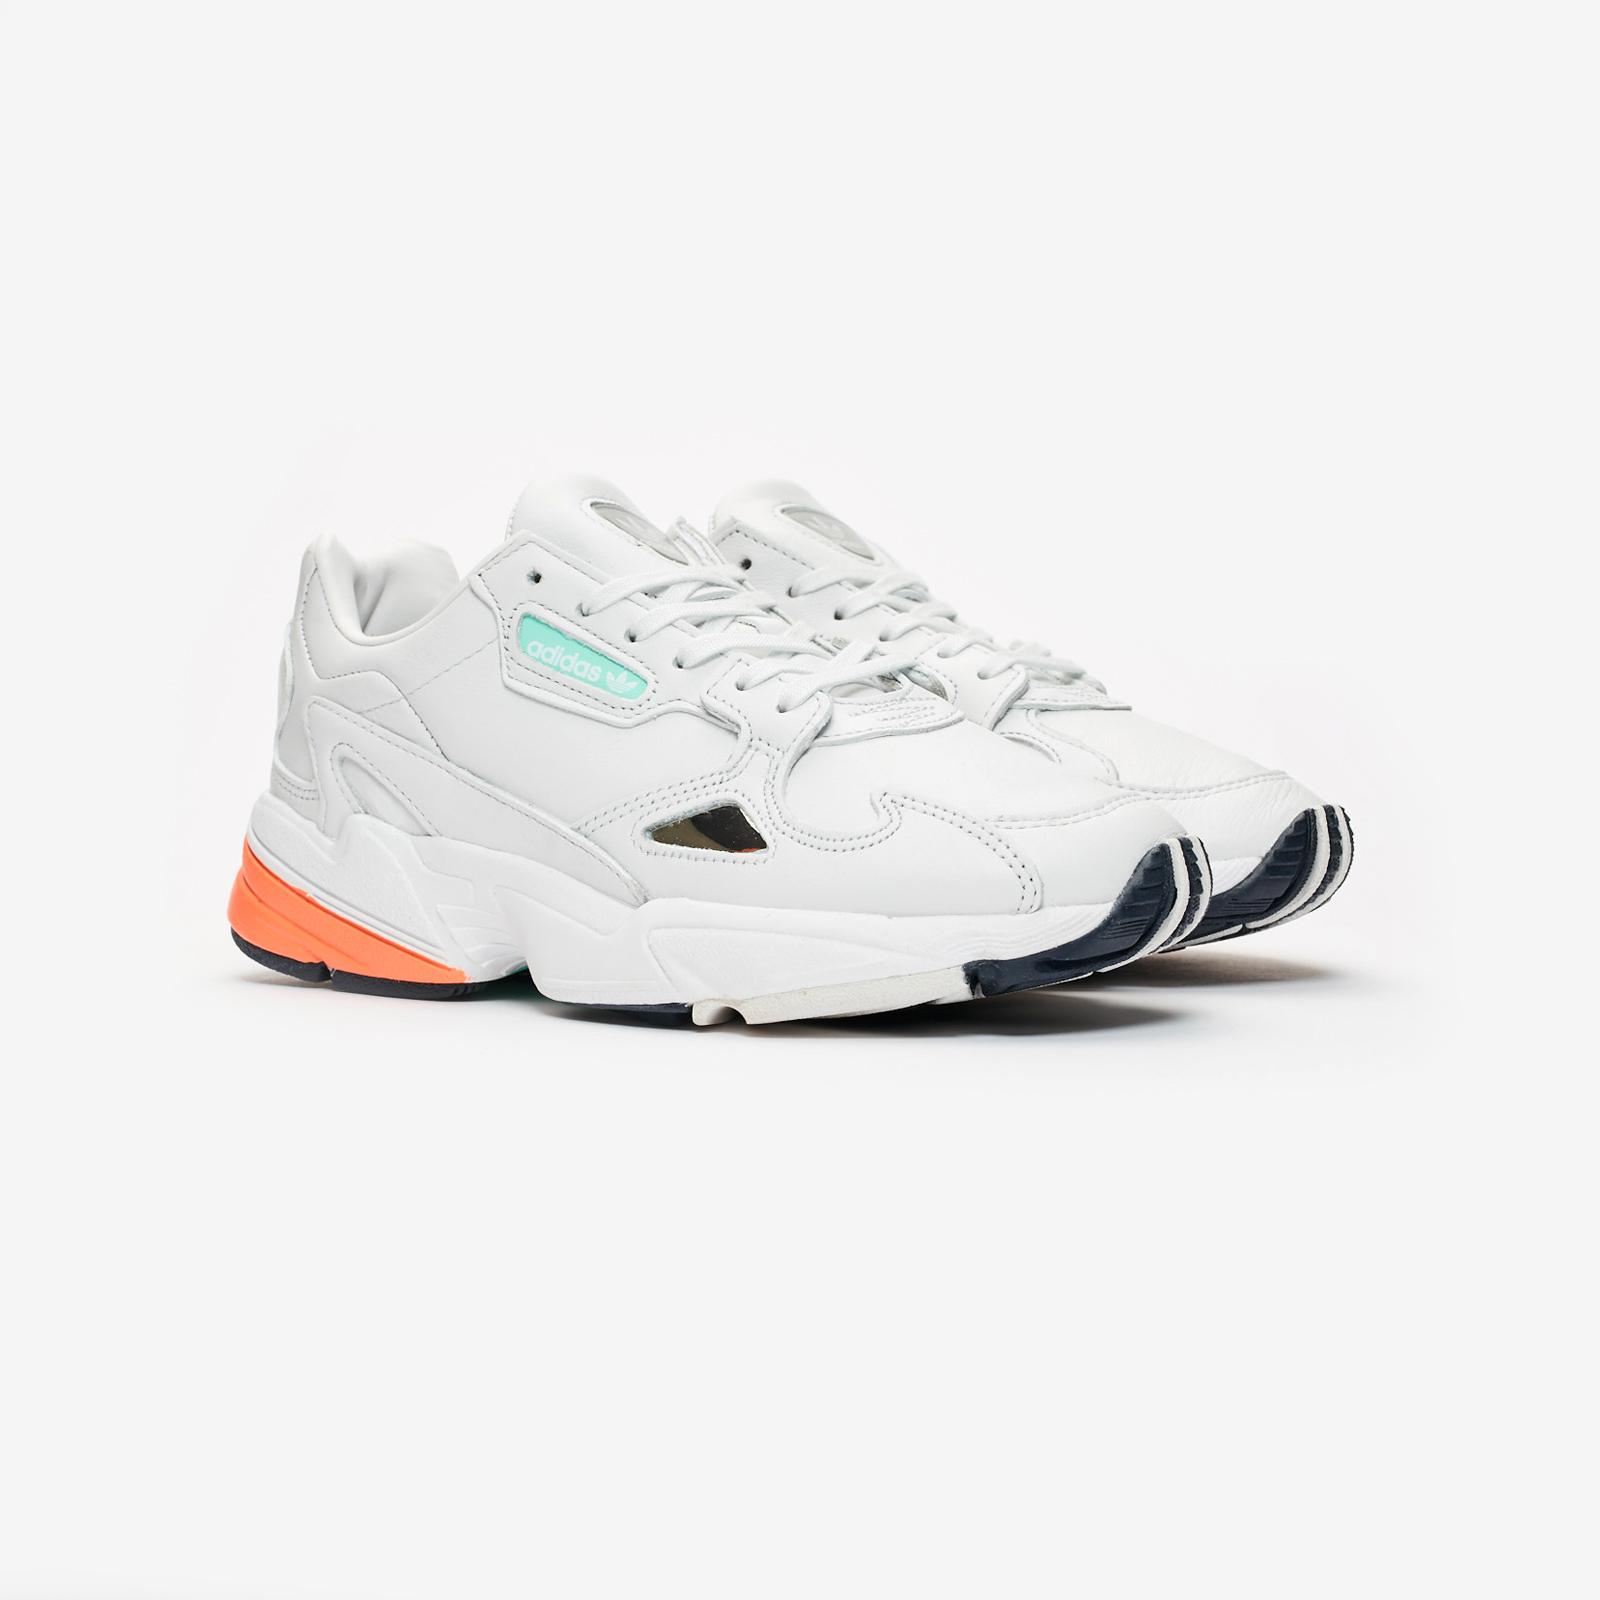 Adidas Falcon W B37845 Sneakersnstuff Sneakers Streetwear